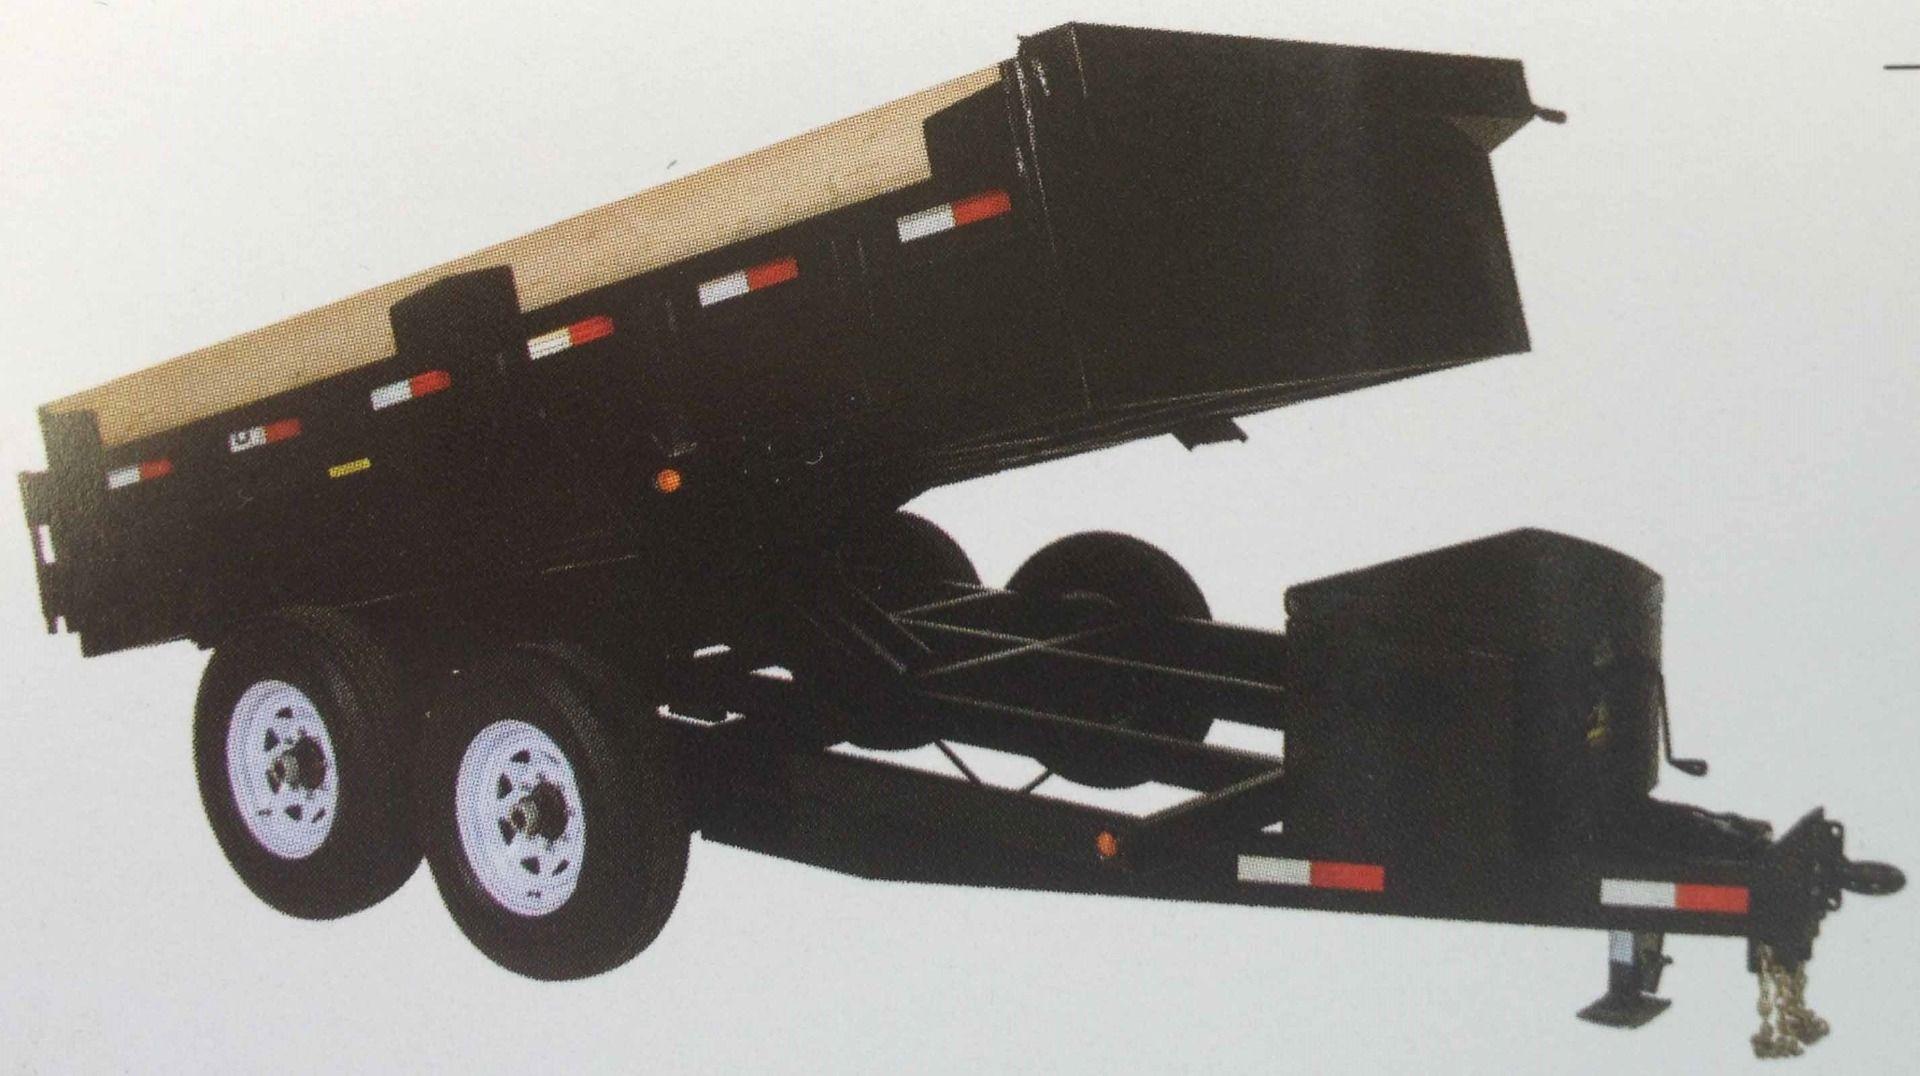 Medium Duty Dump Tandem Trailer MDD612 with 2' high sides by JDJ (6' W x 12' L)